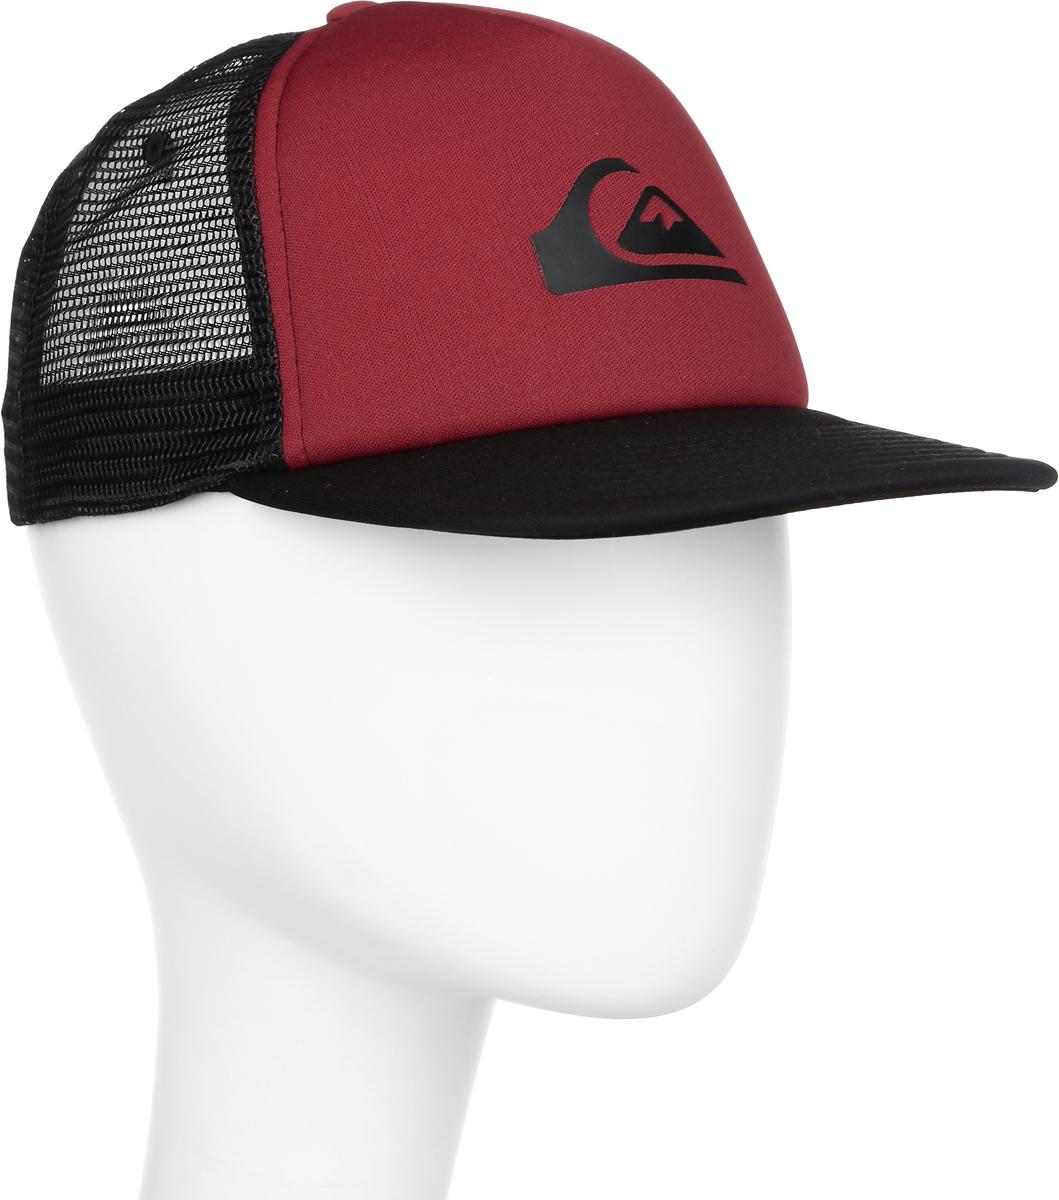 Бейсболка муж Quiksilver Snap Addict, цвет: красный. AQYHA03528-RRD0. Размер универсальныйAQYHA03528-RRD0